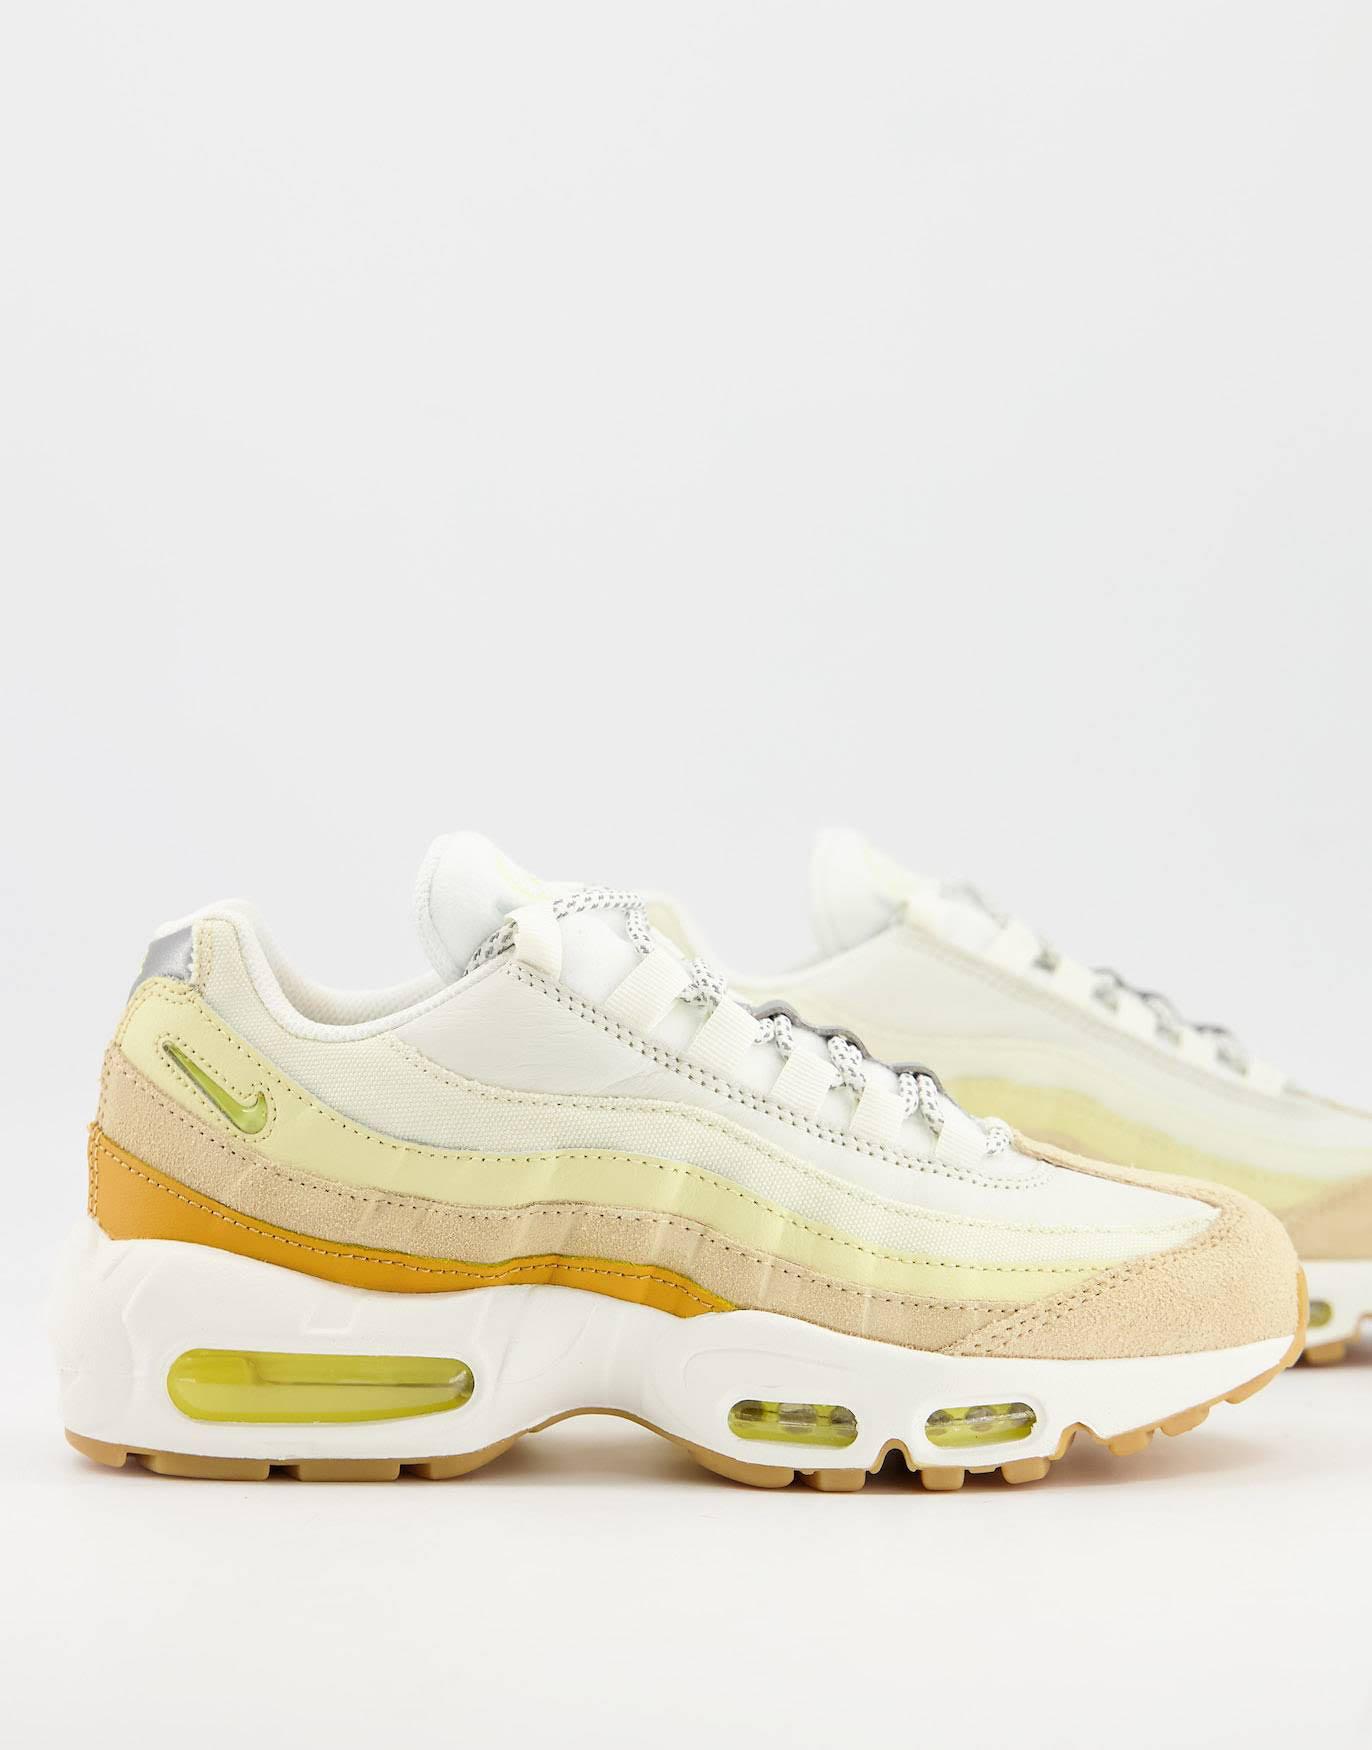 Zapatillas de deporte amarillas y blanco hueso Air Max 95 de Nike